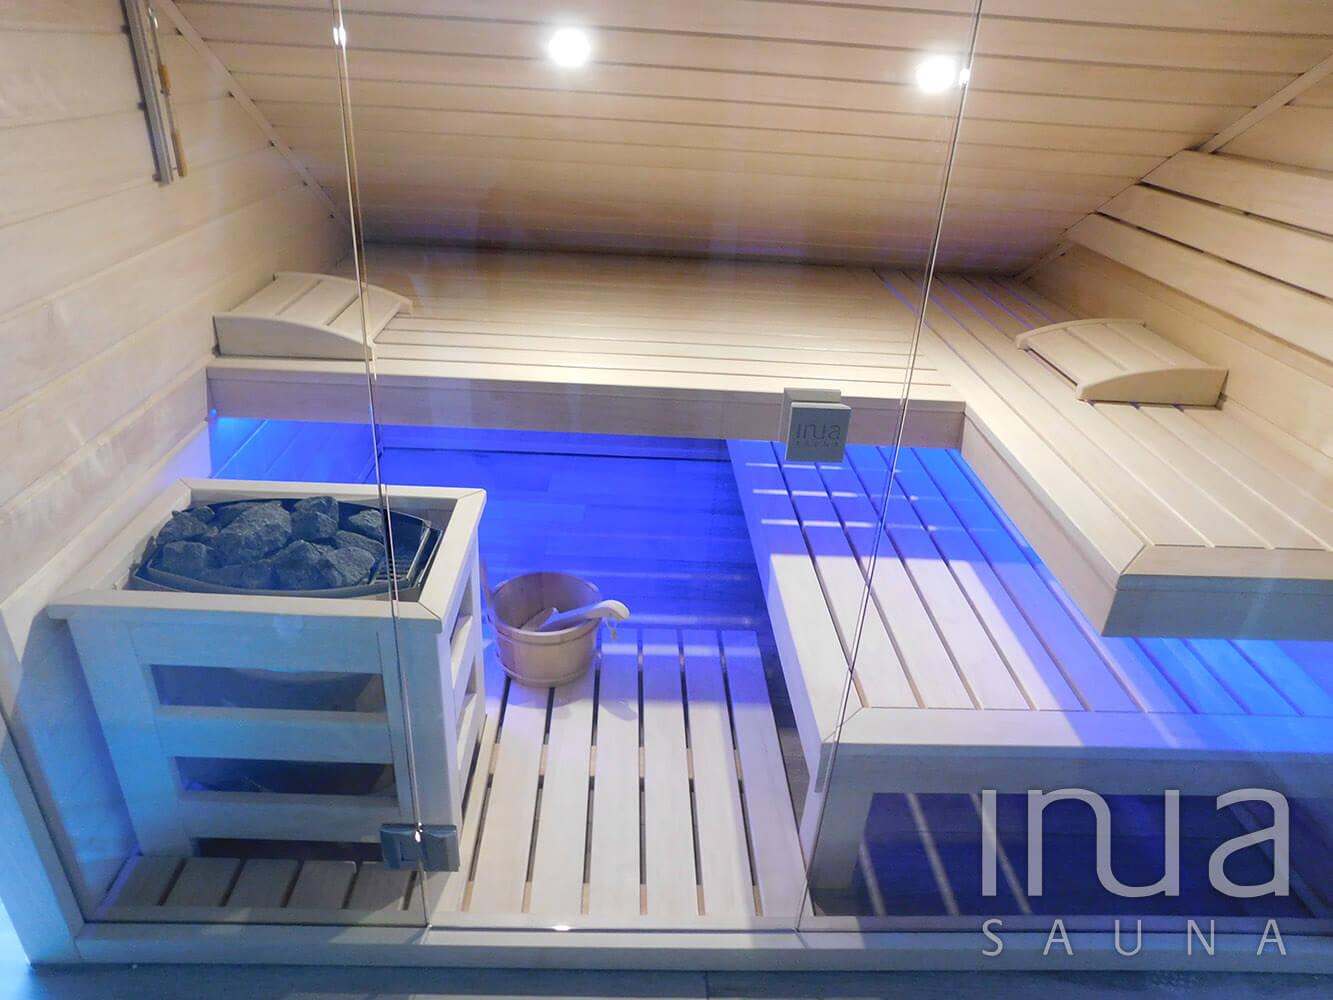 Tetőtéri kialakítású finn szauna, Bronschhofen.